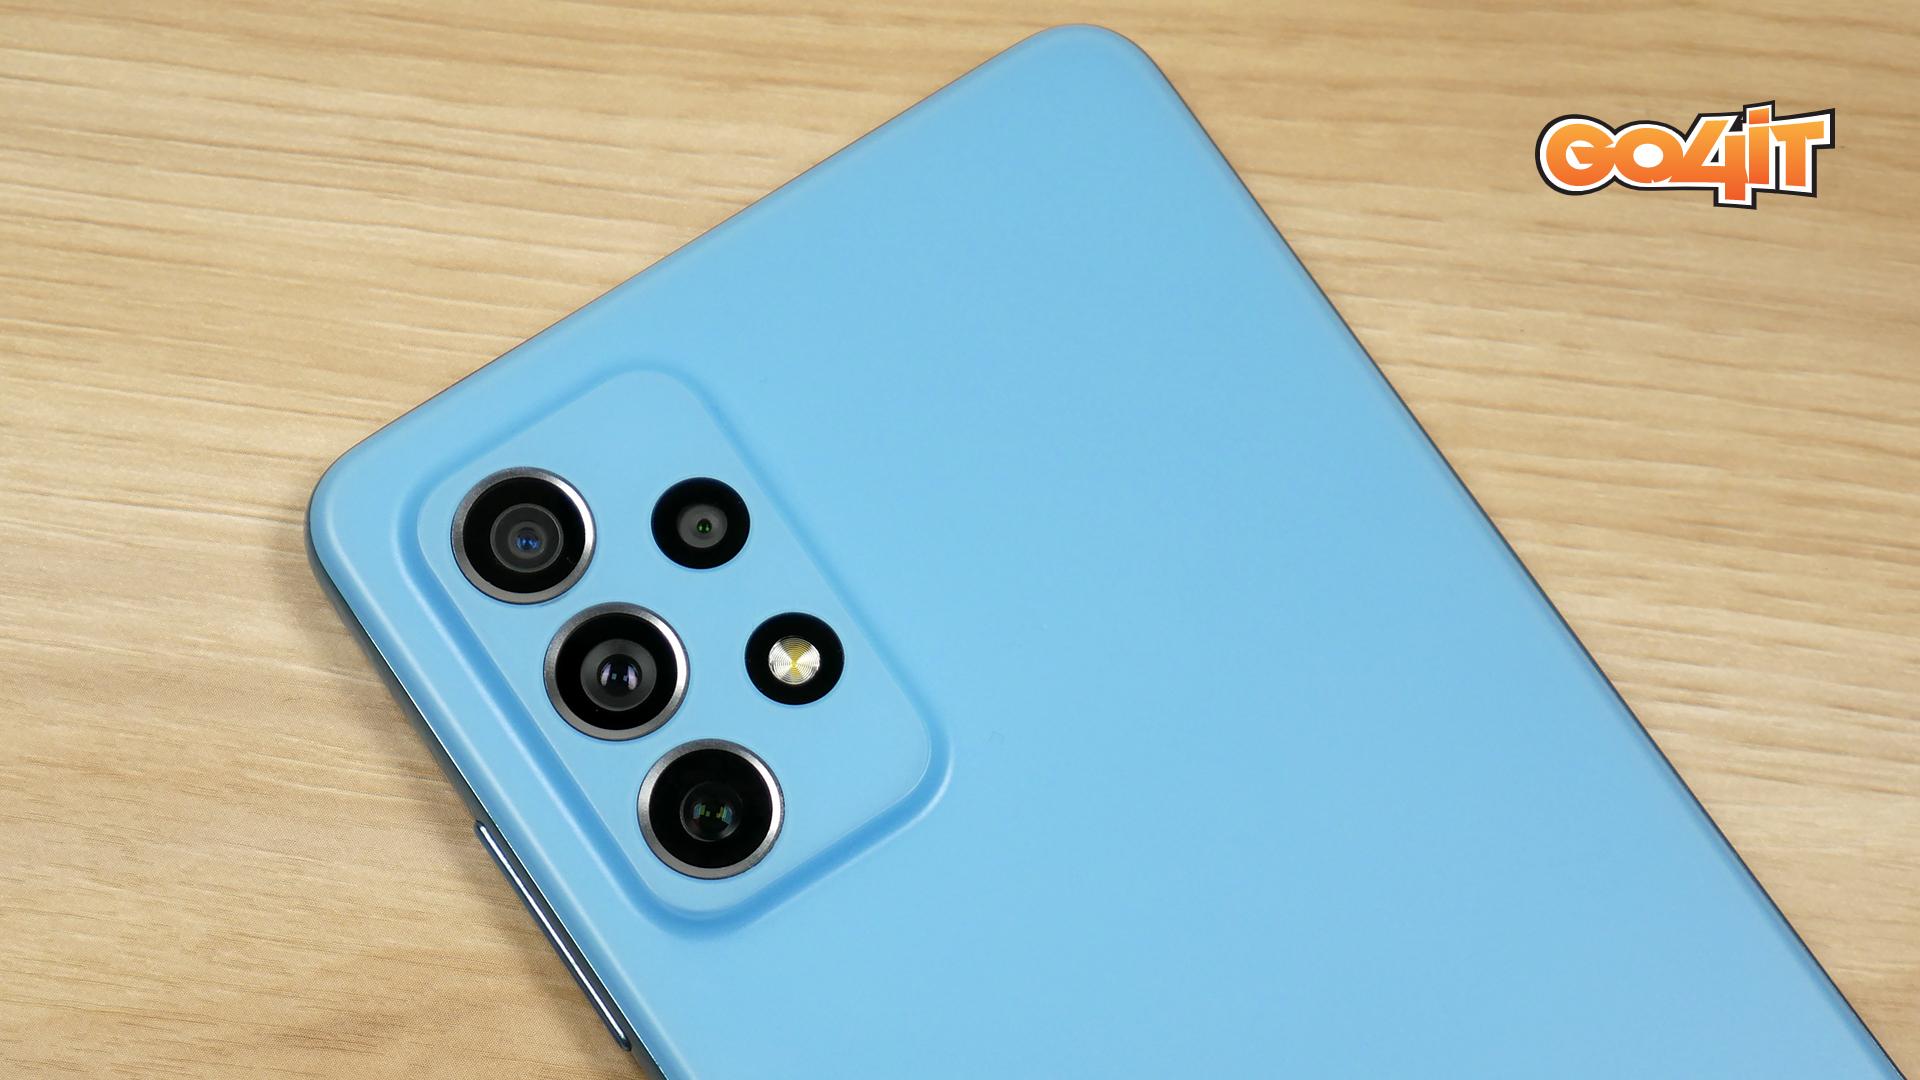 Galaxy A73 ar putea primi un upgrade major de cameră: un modul de 108 megapixeli